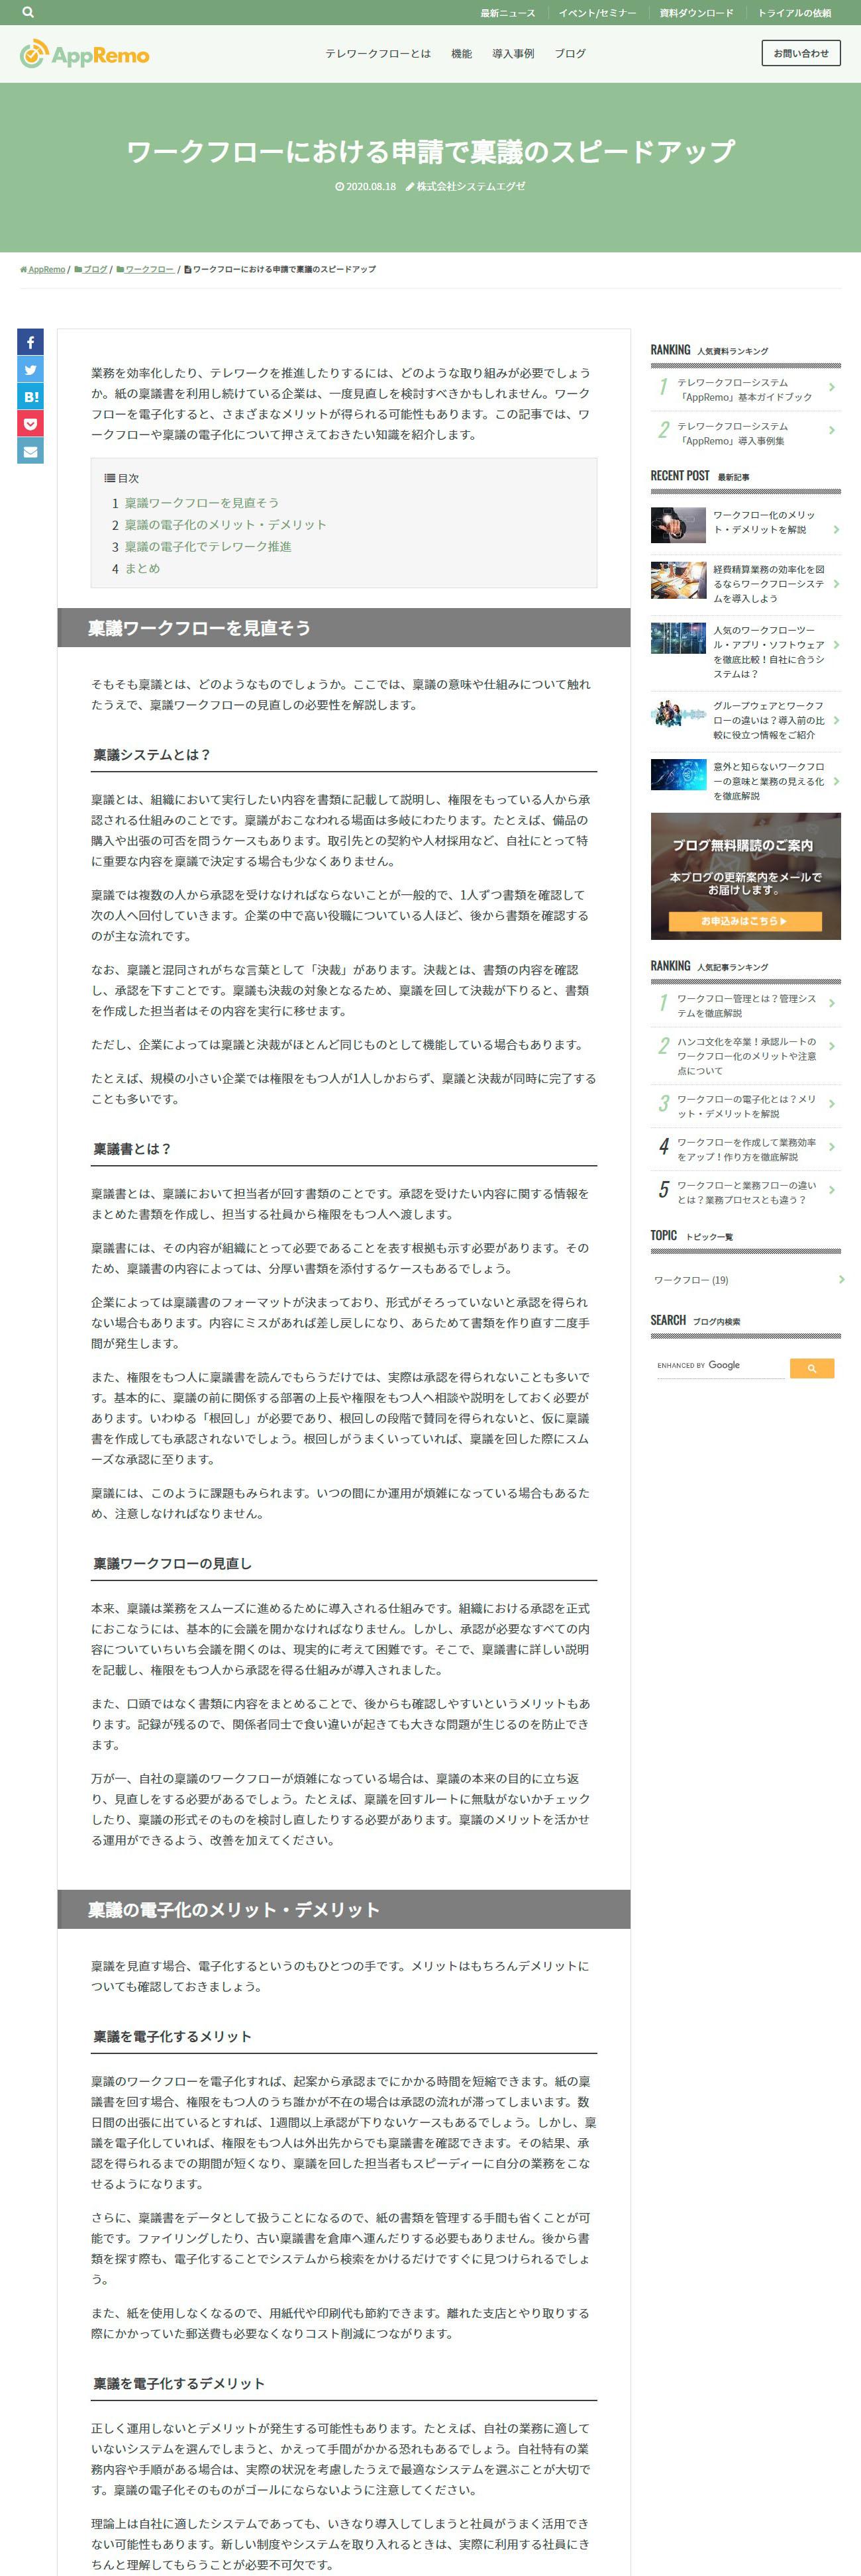 ブログ購読のお申込み